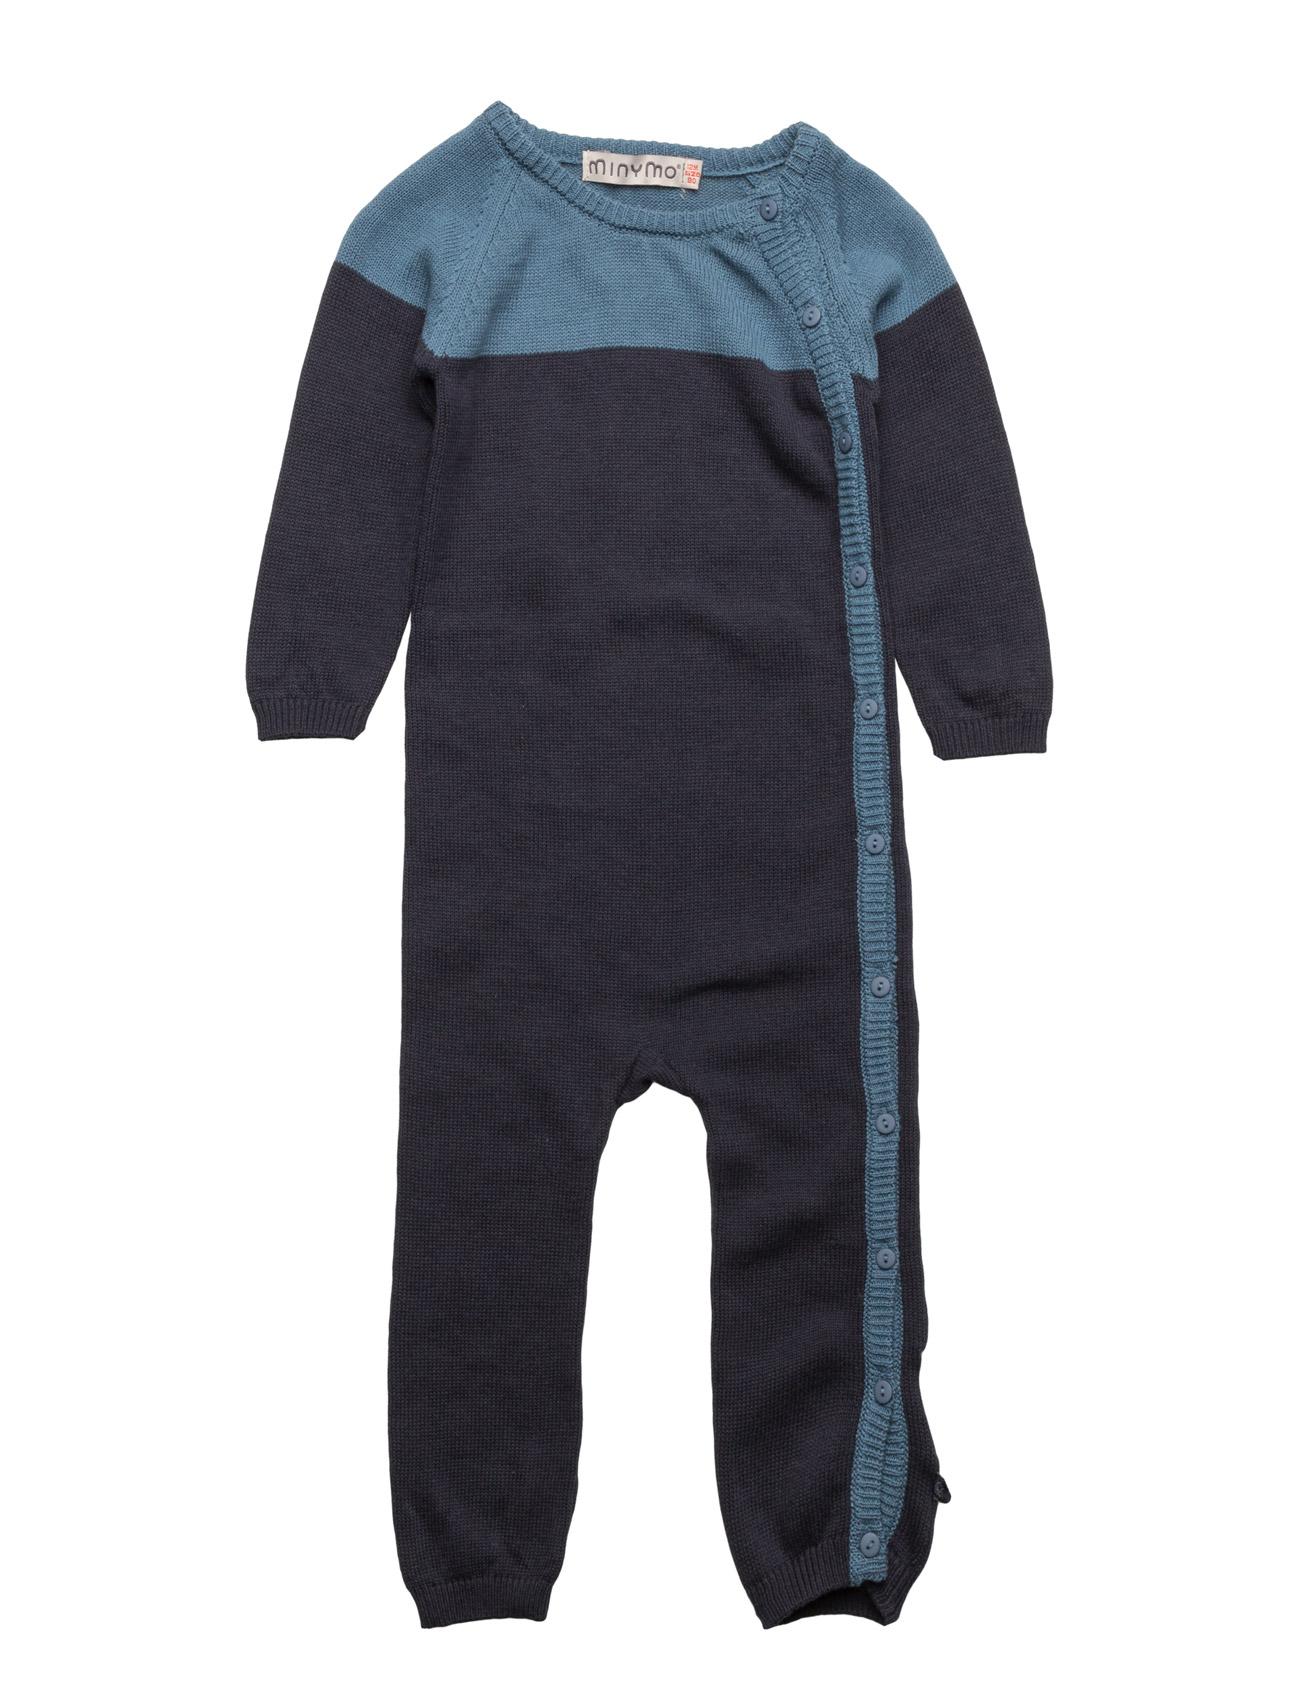 71 - Knit Suit Minymo  til Børn i